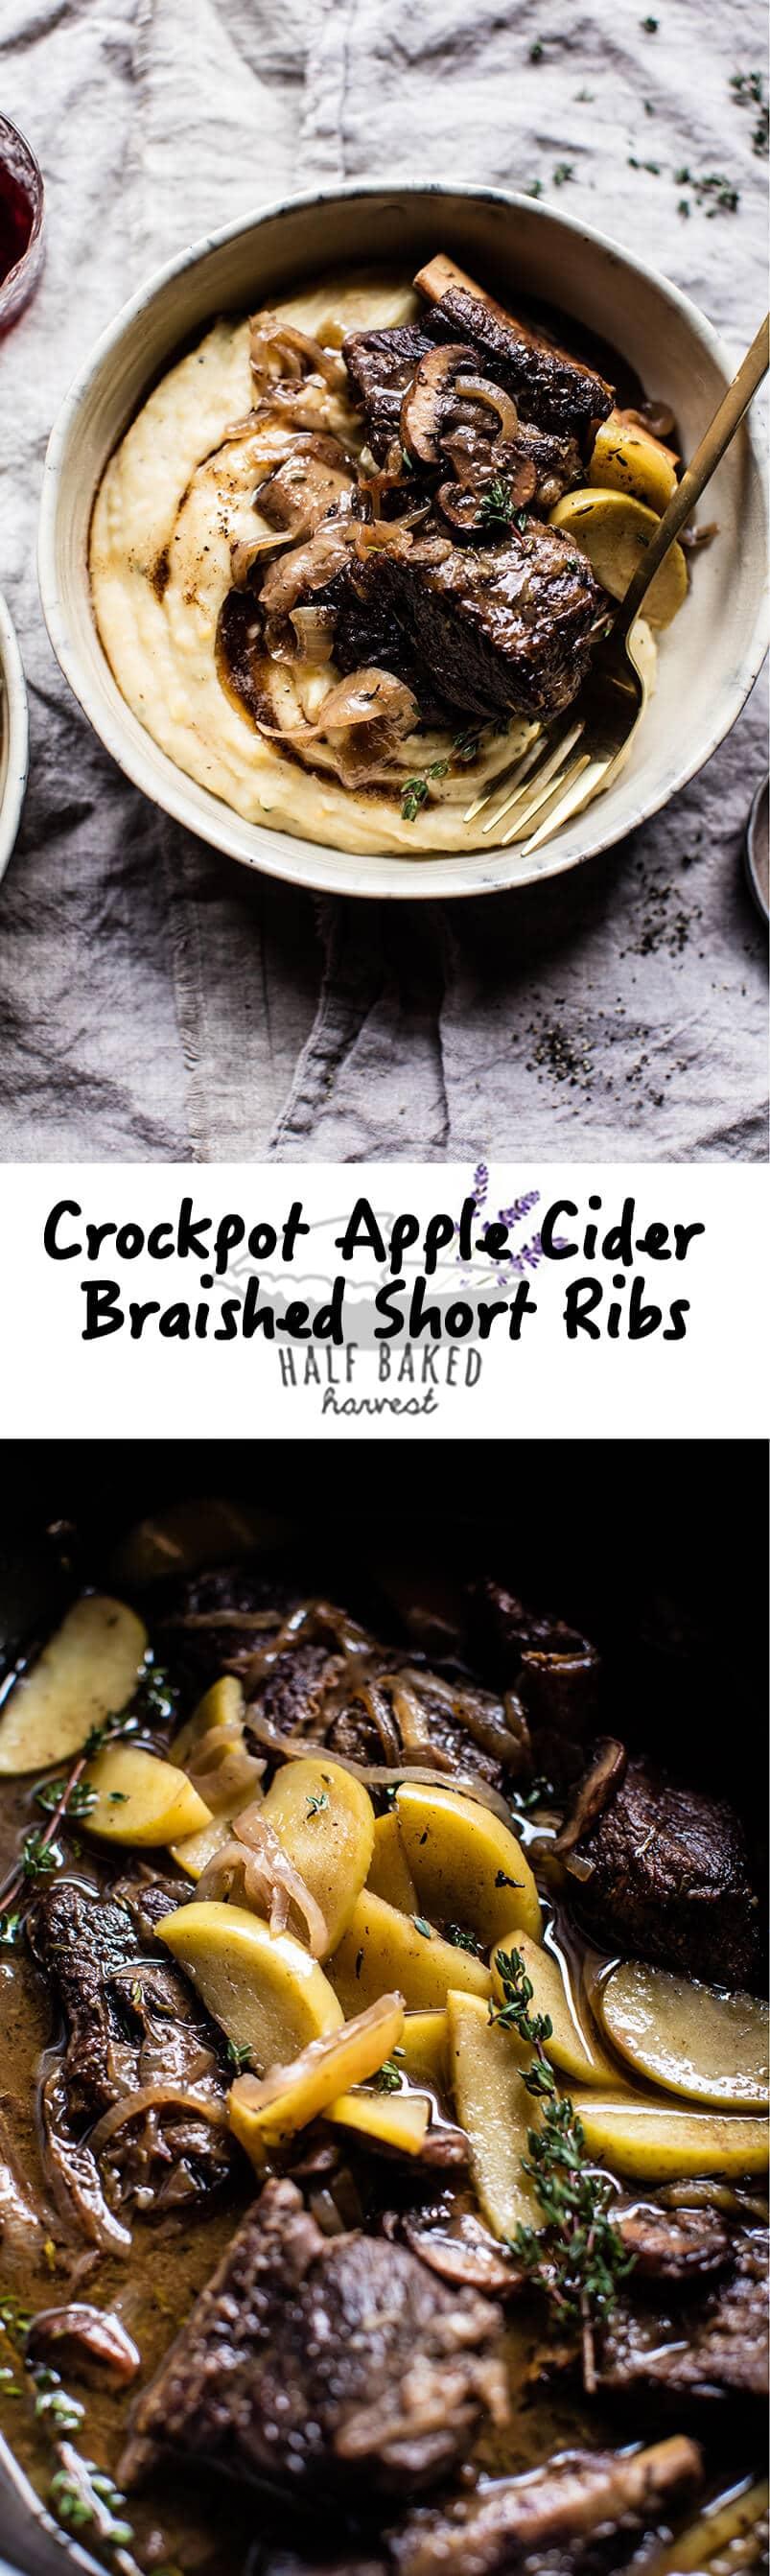 Crockpot Cider Braised Short Ribs with Sage Butter Mashed Potatoes | halfbakedharvest.com @hbharvest